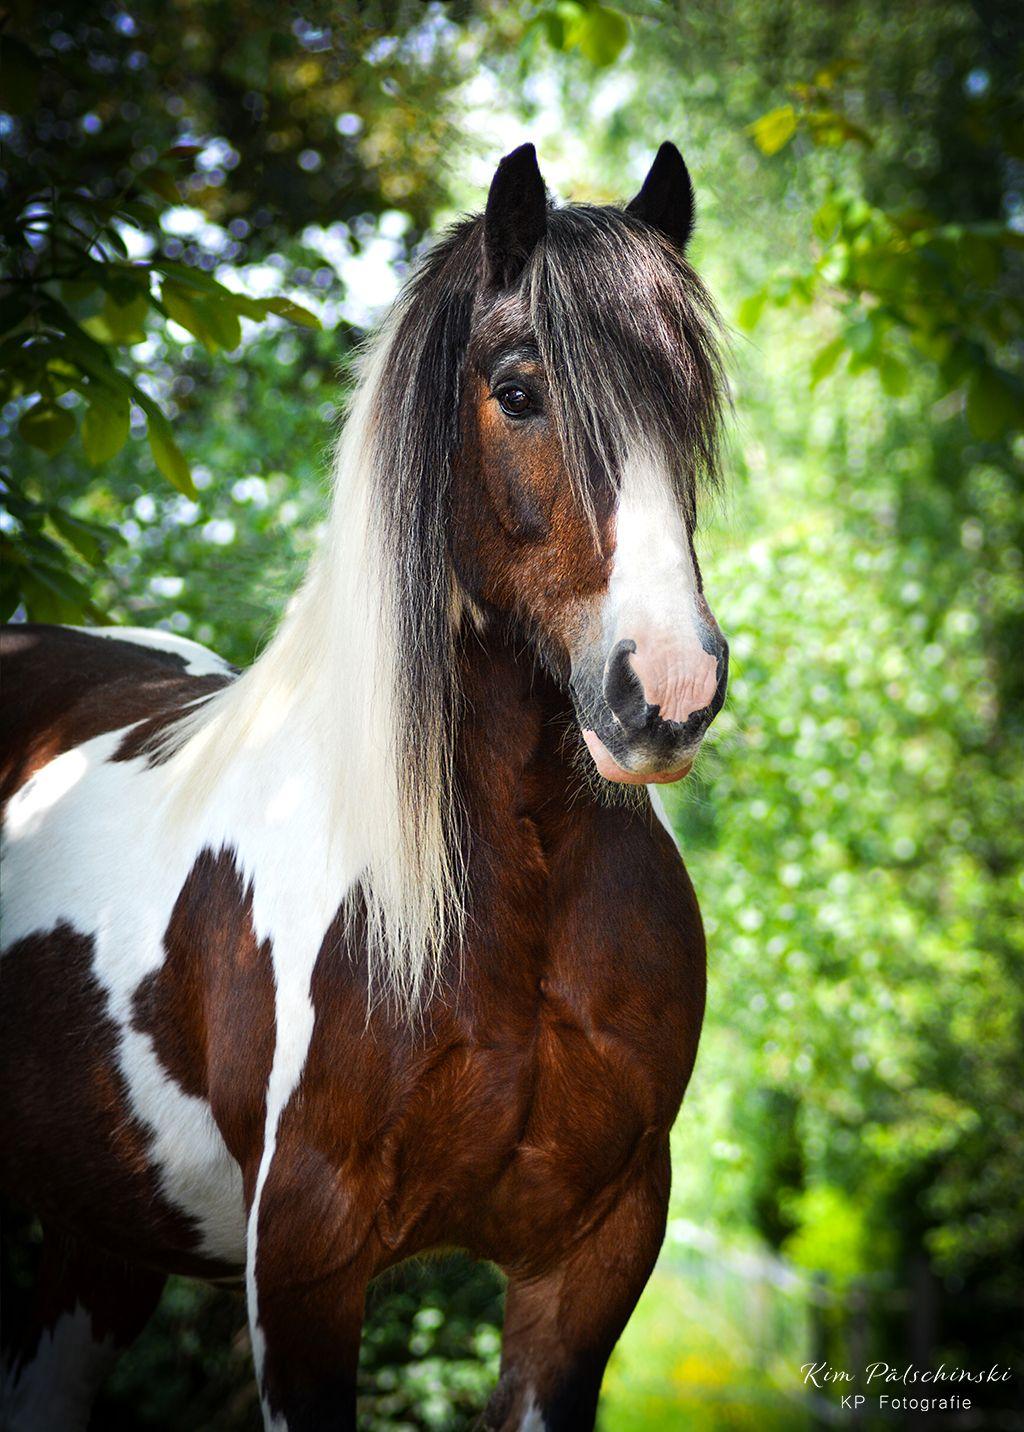 Tinkerliebe Pferde Schone Pferde Pferdebilder